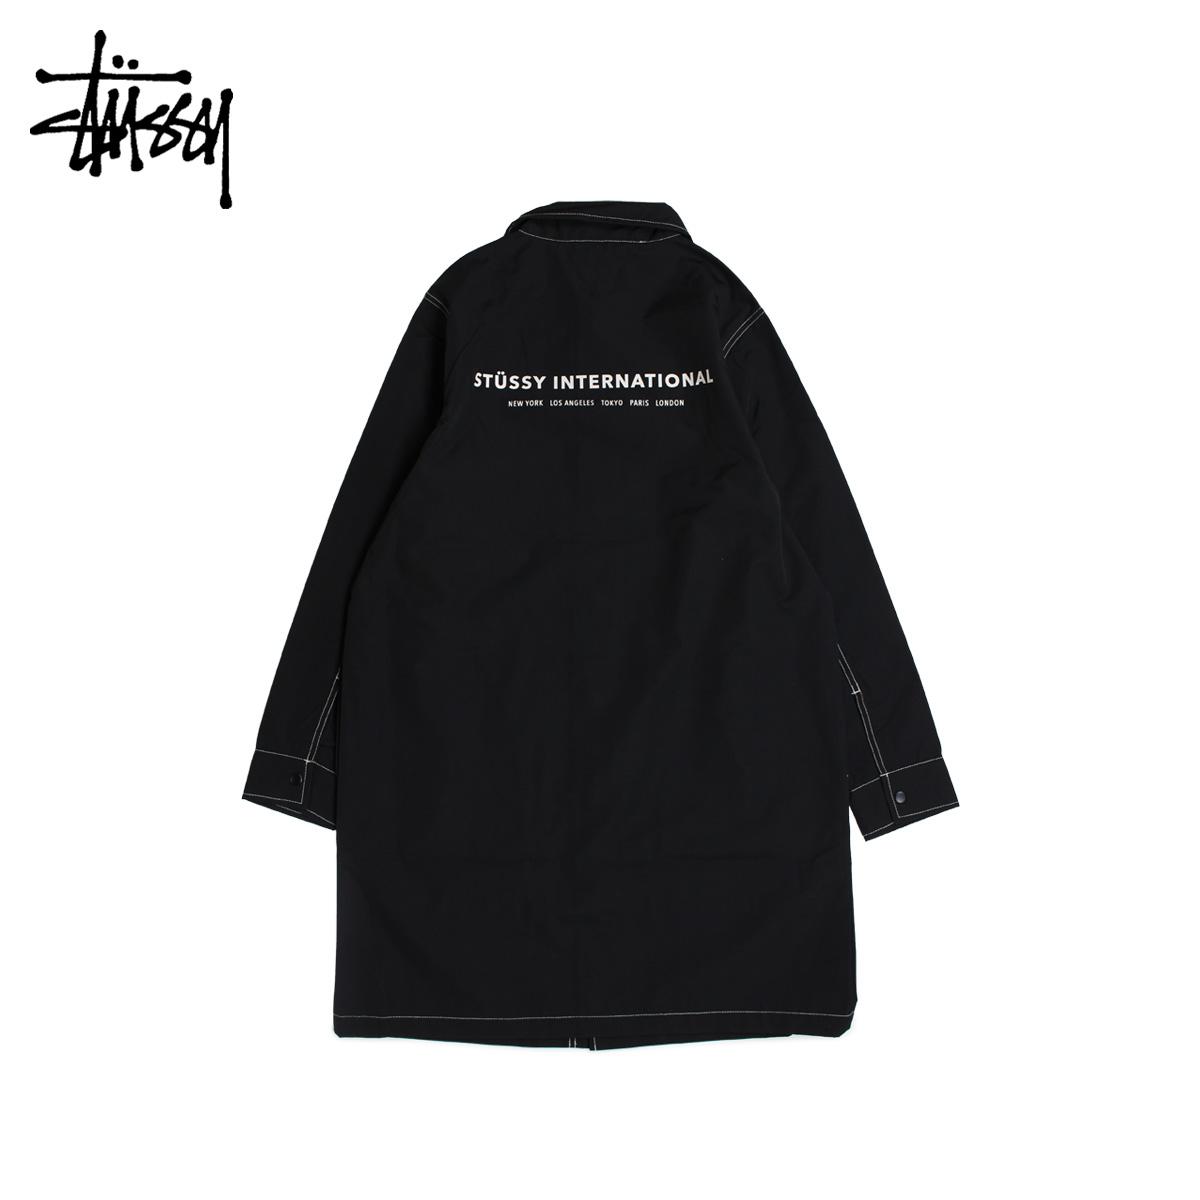 【最大2000円OFFクーポン】 ステューシー STUSSY コート ショップコート メンズ NYLON SHOP COAT ブラック 黒 115408